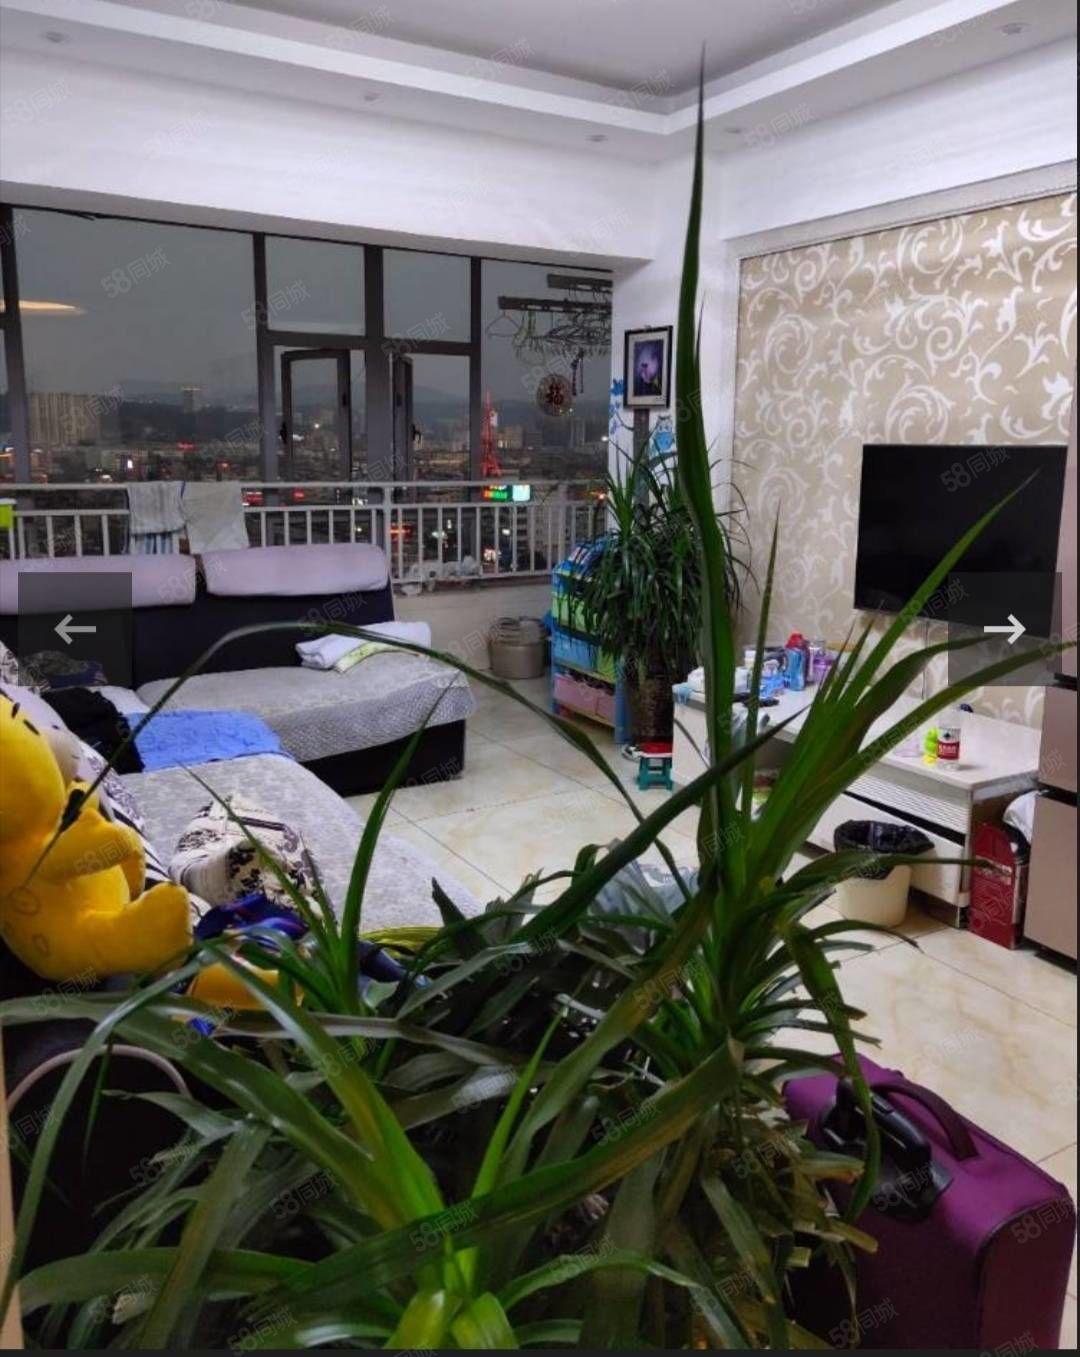 玉溪一中时代新都汇聂耳广场附近玉湖小学精装2居室